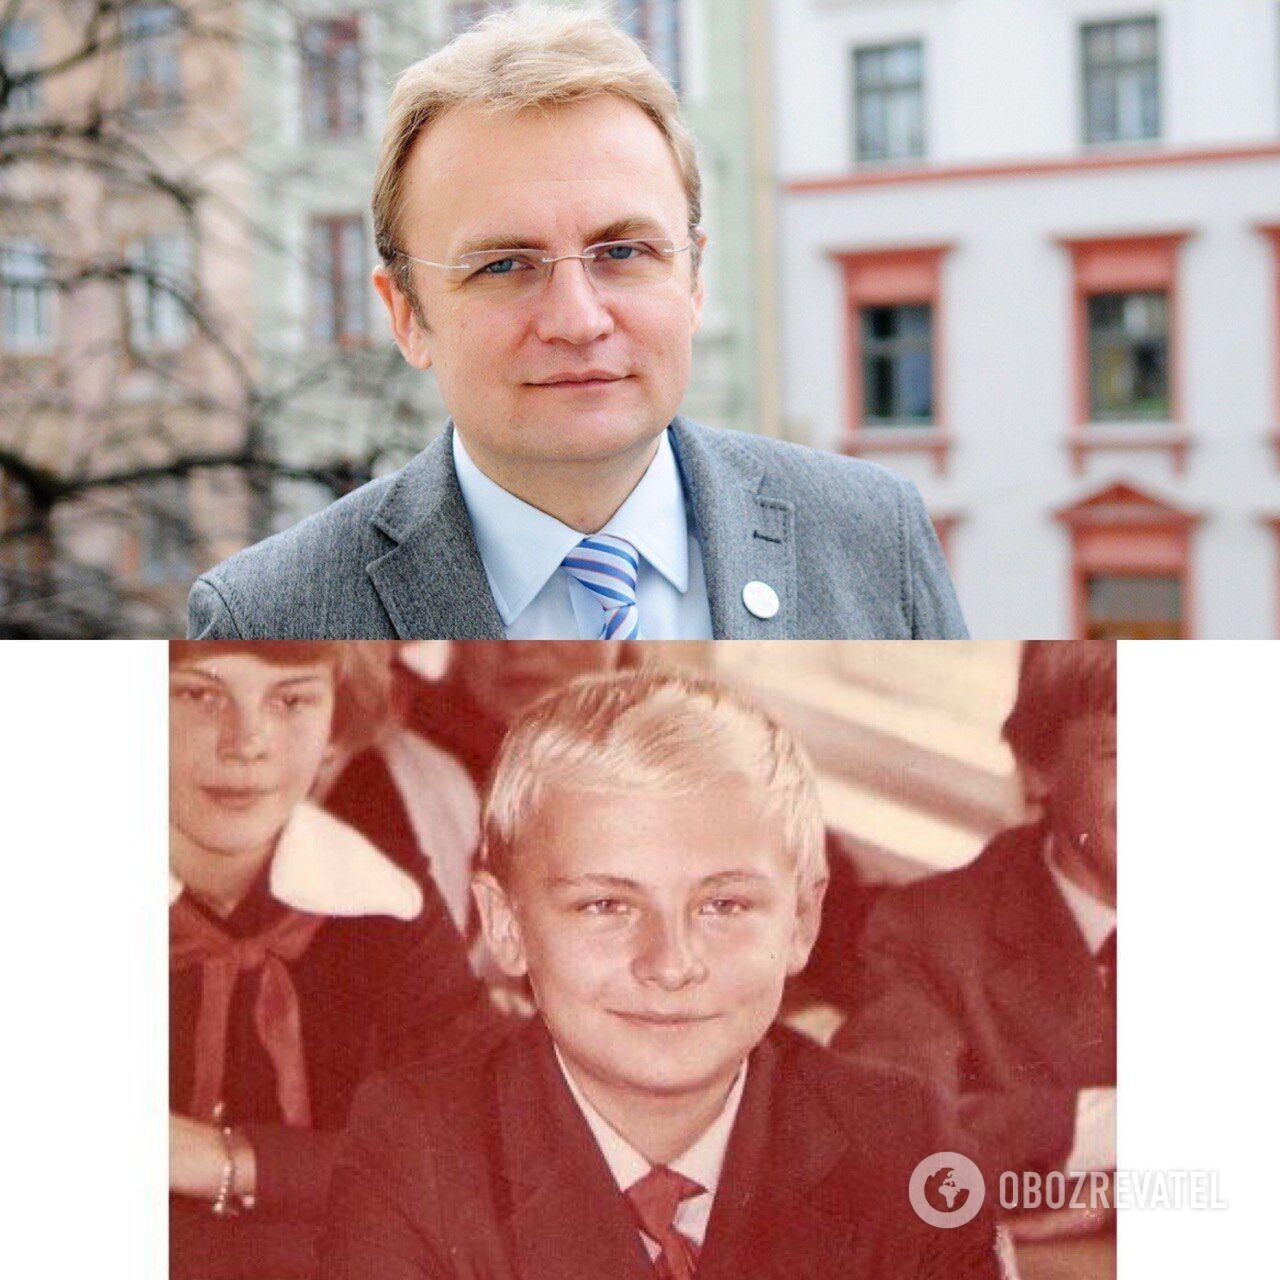 Андрей Садовой: в детстве и сейчас.